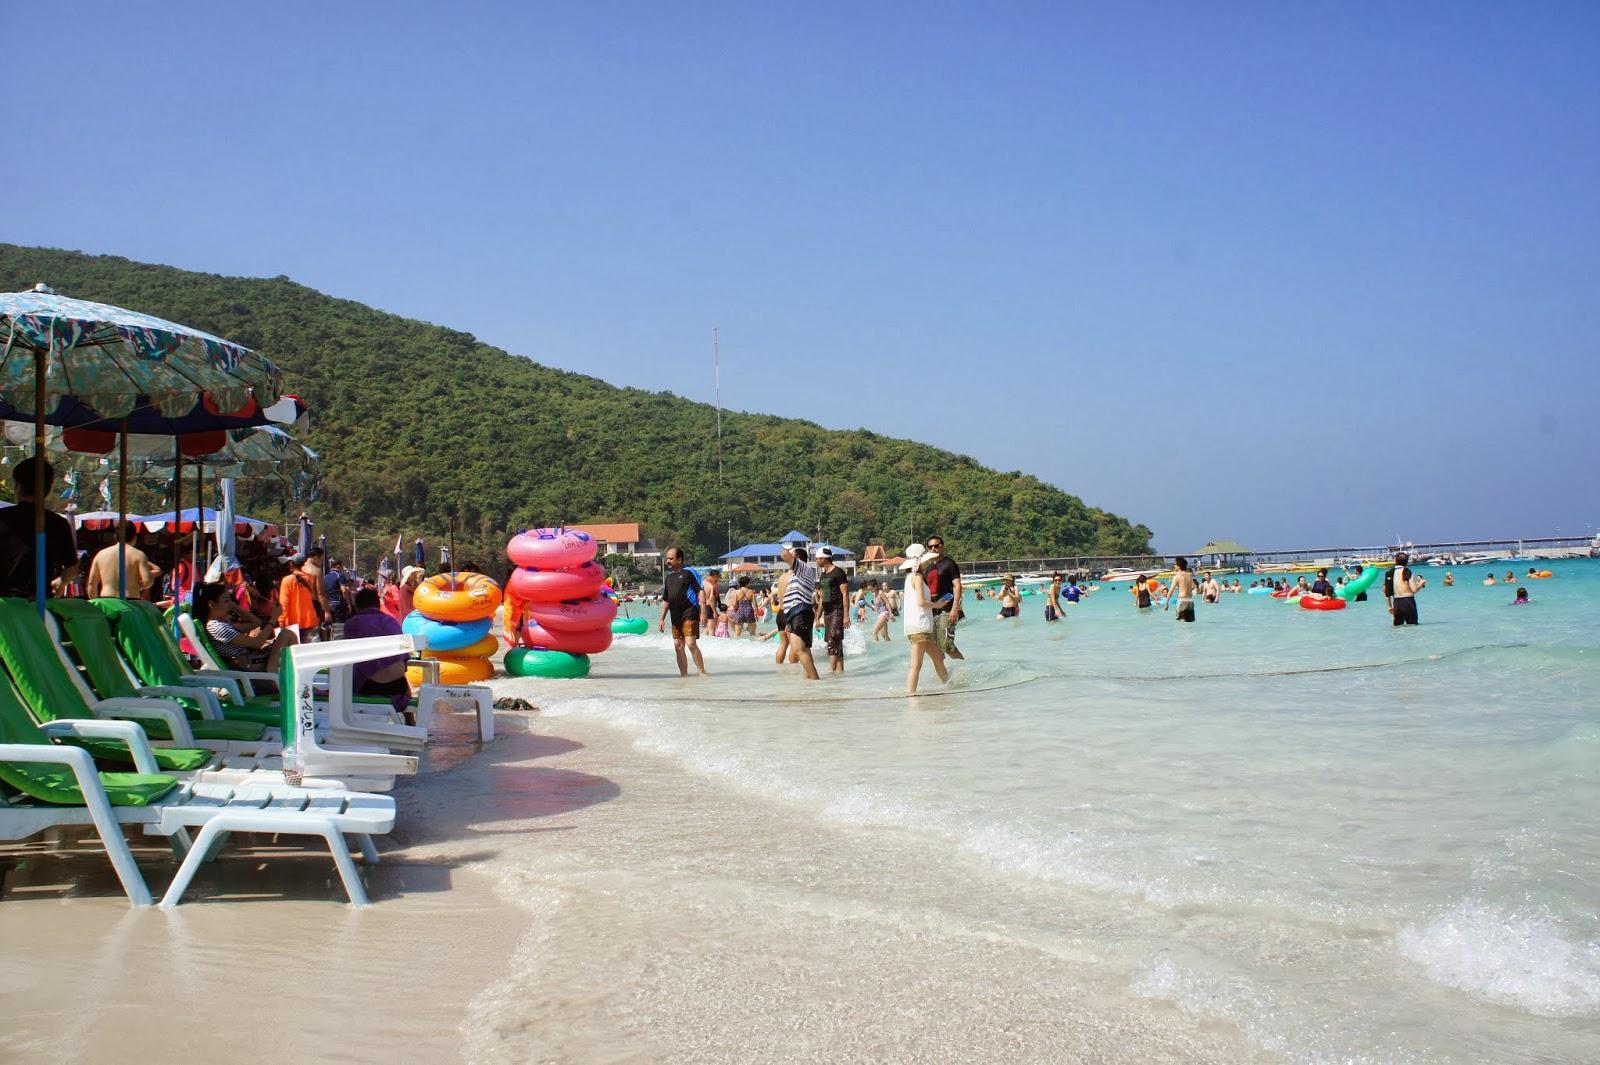 【タイ07】ラン島で水着美女見学からテーメーカフェへ!